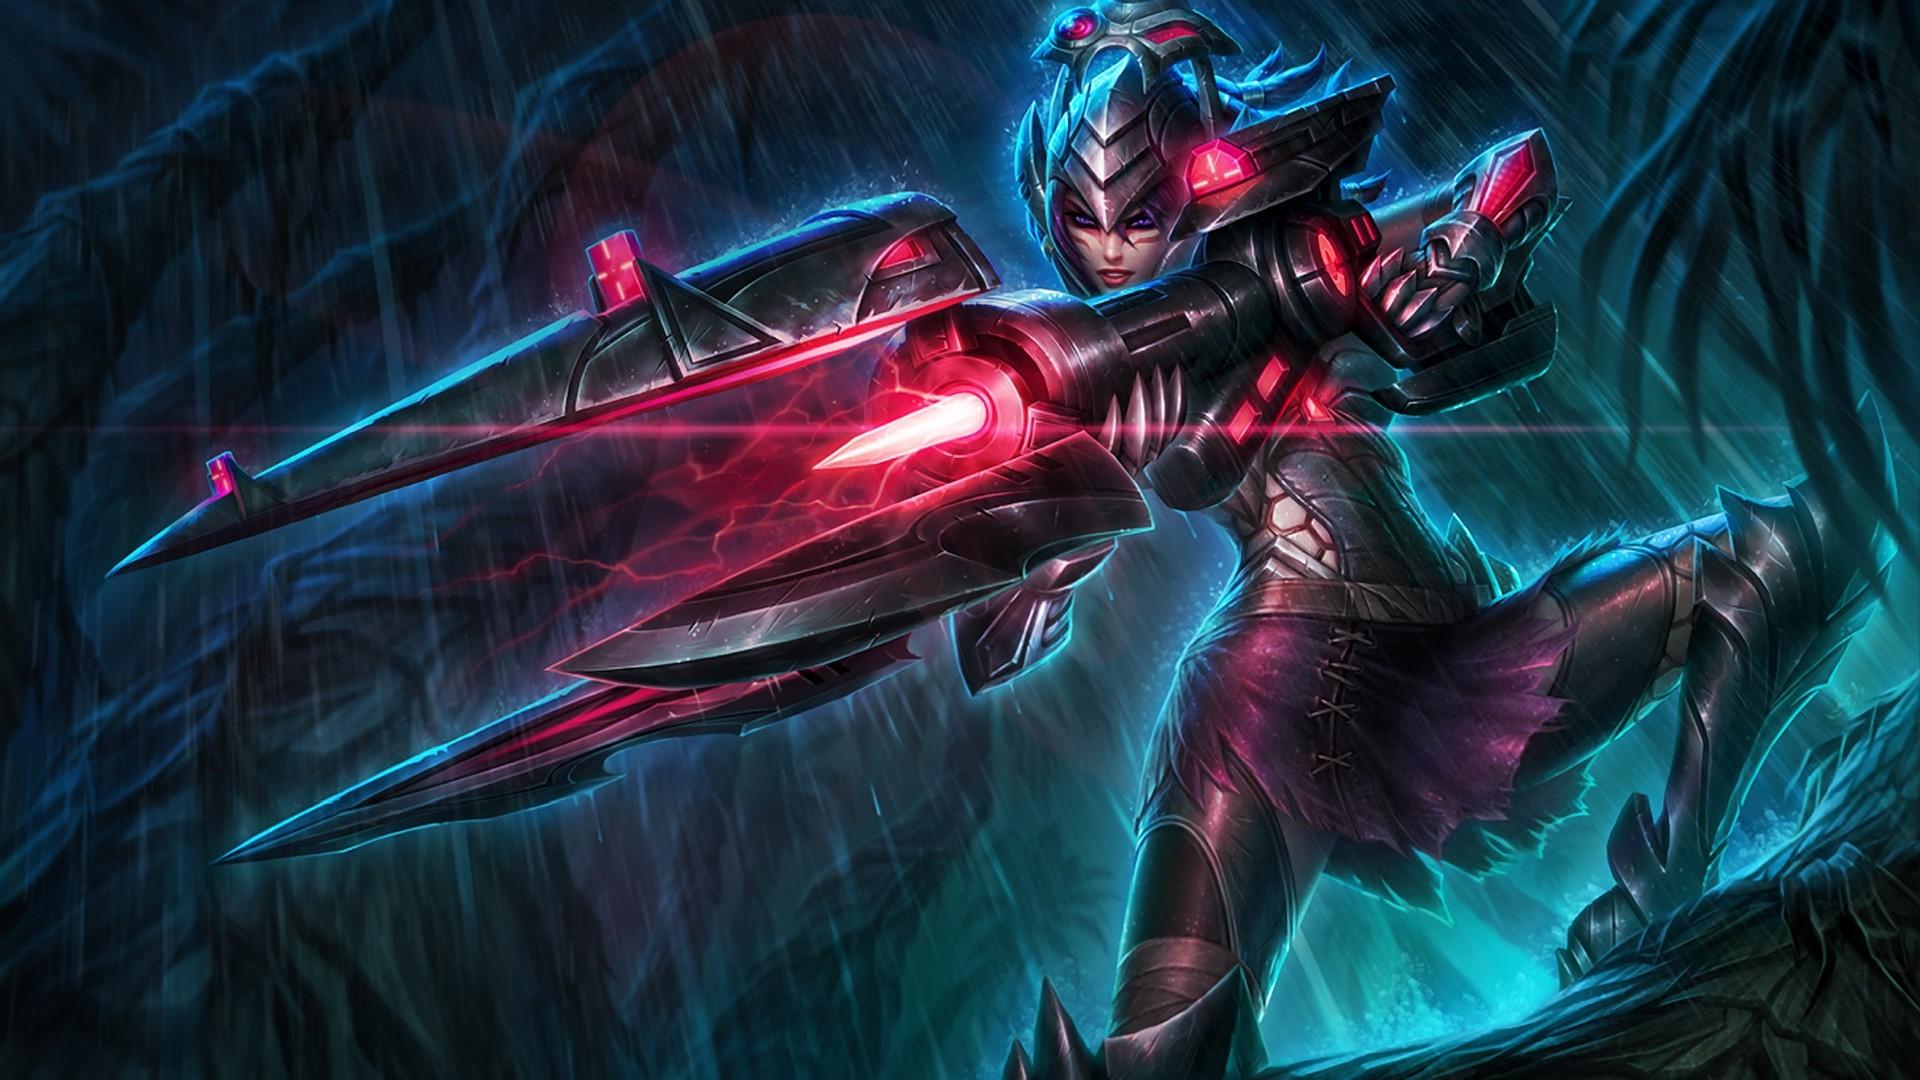 Wallpaper Space League Of Legends Demon Caitlyn League